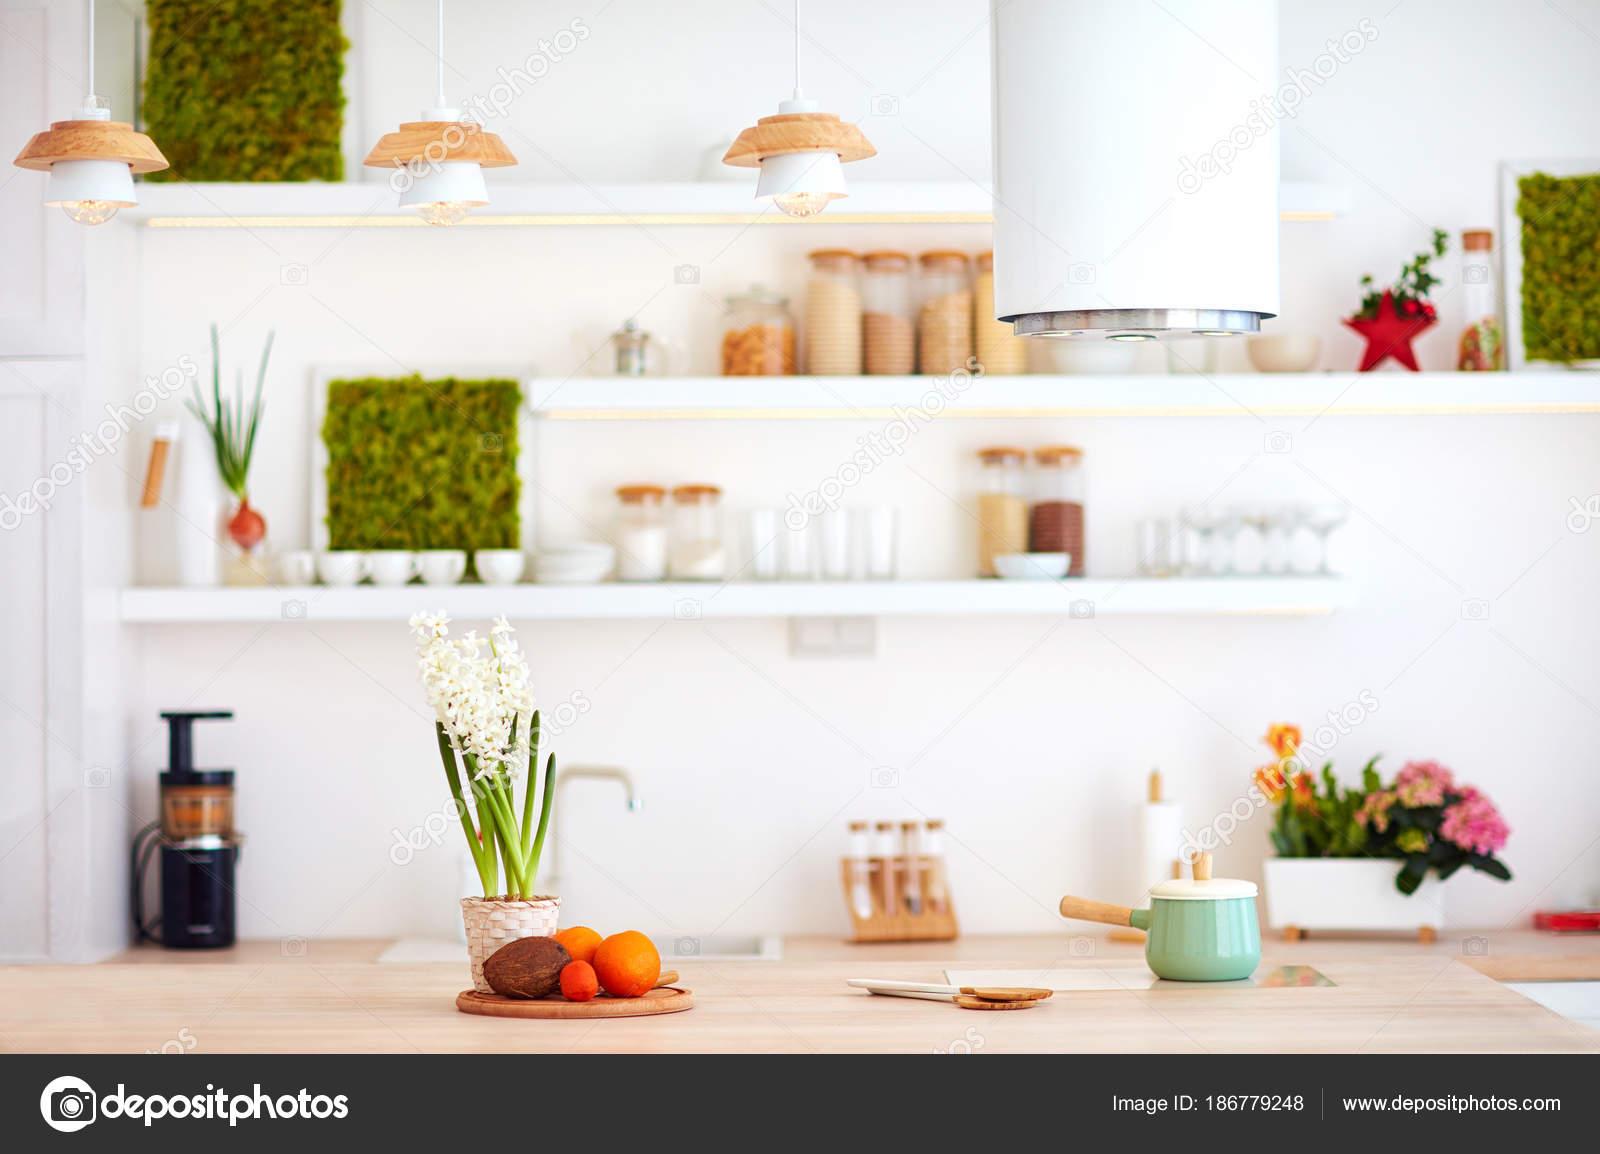 gemütliche, helle Küche mit Holz Arbeitsplatte und Insel ...